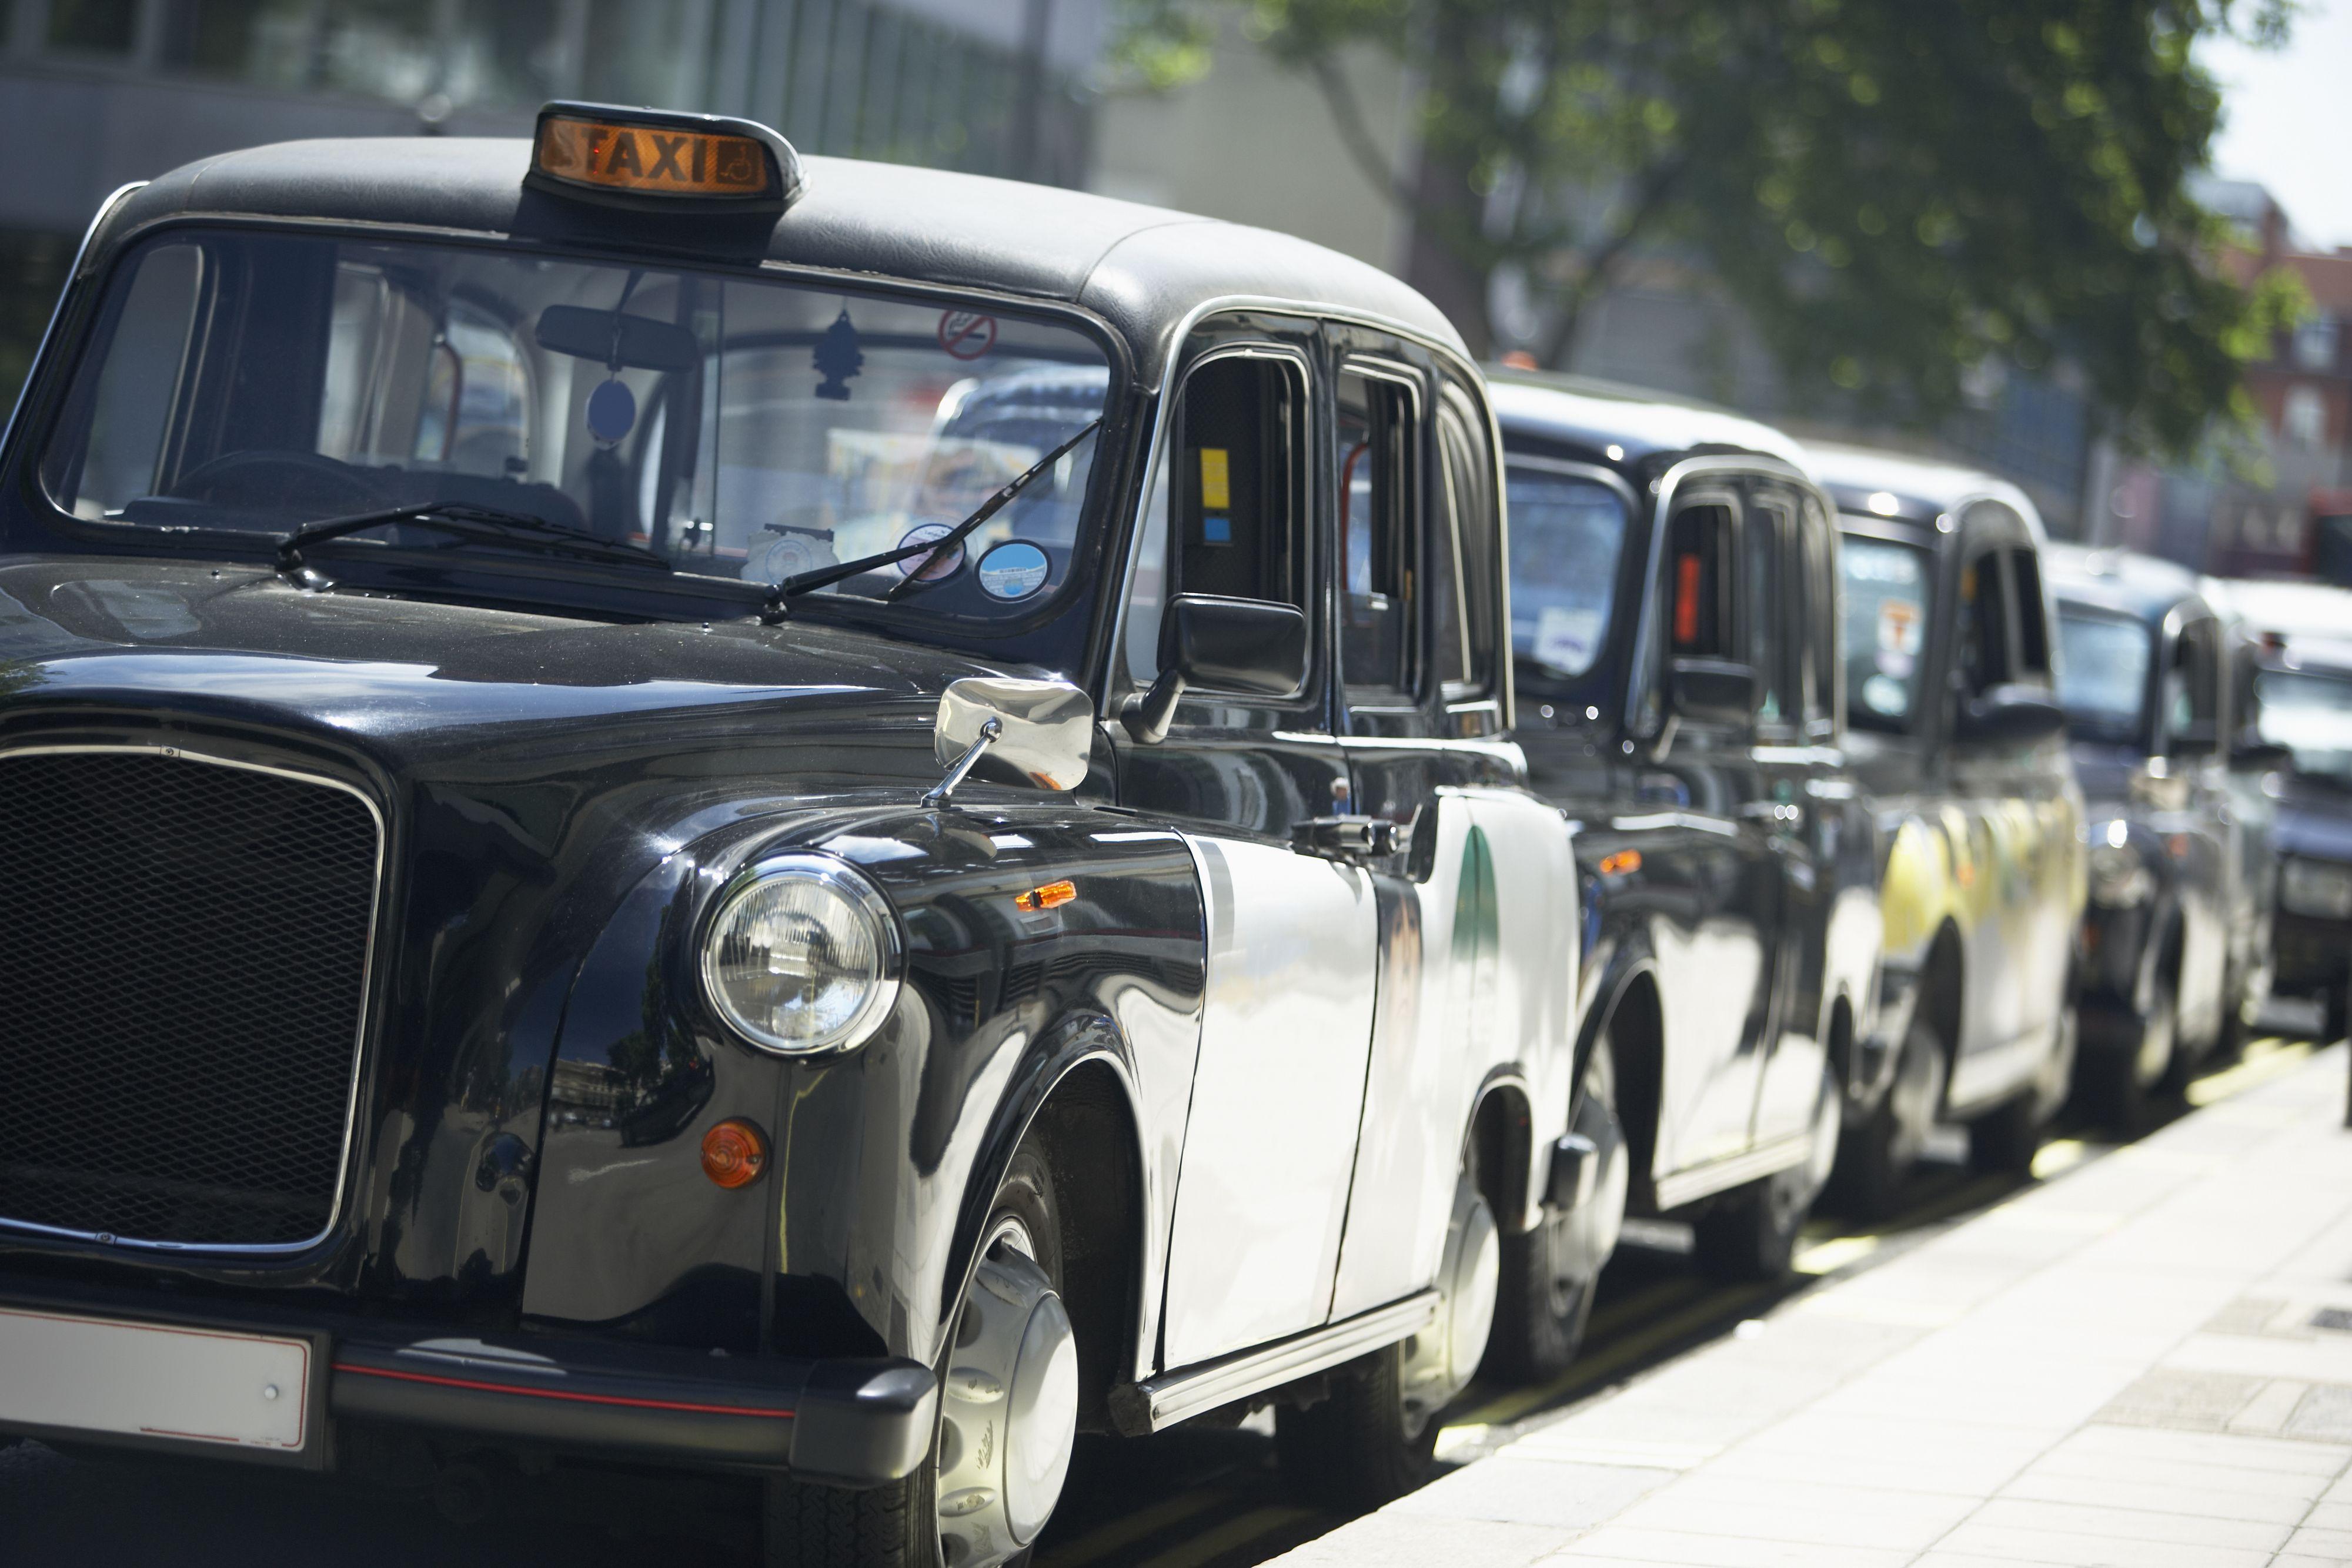 De tradisjonelle London-drosjene stod stille i protest mot Uber i juni.Foto: Monkey Business Images / Shutterstock.com